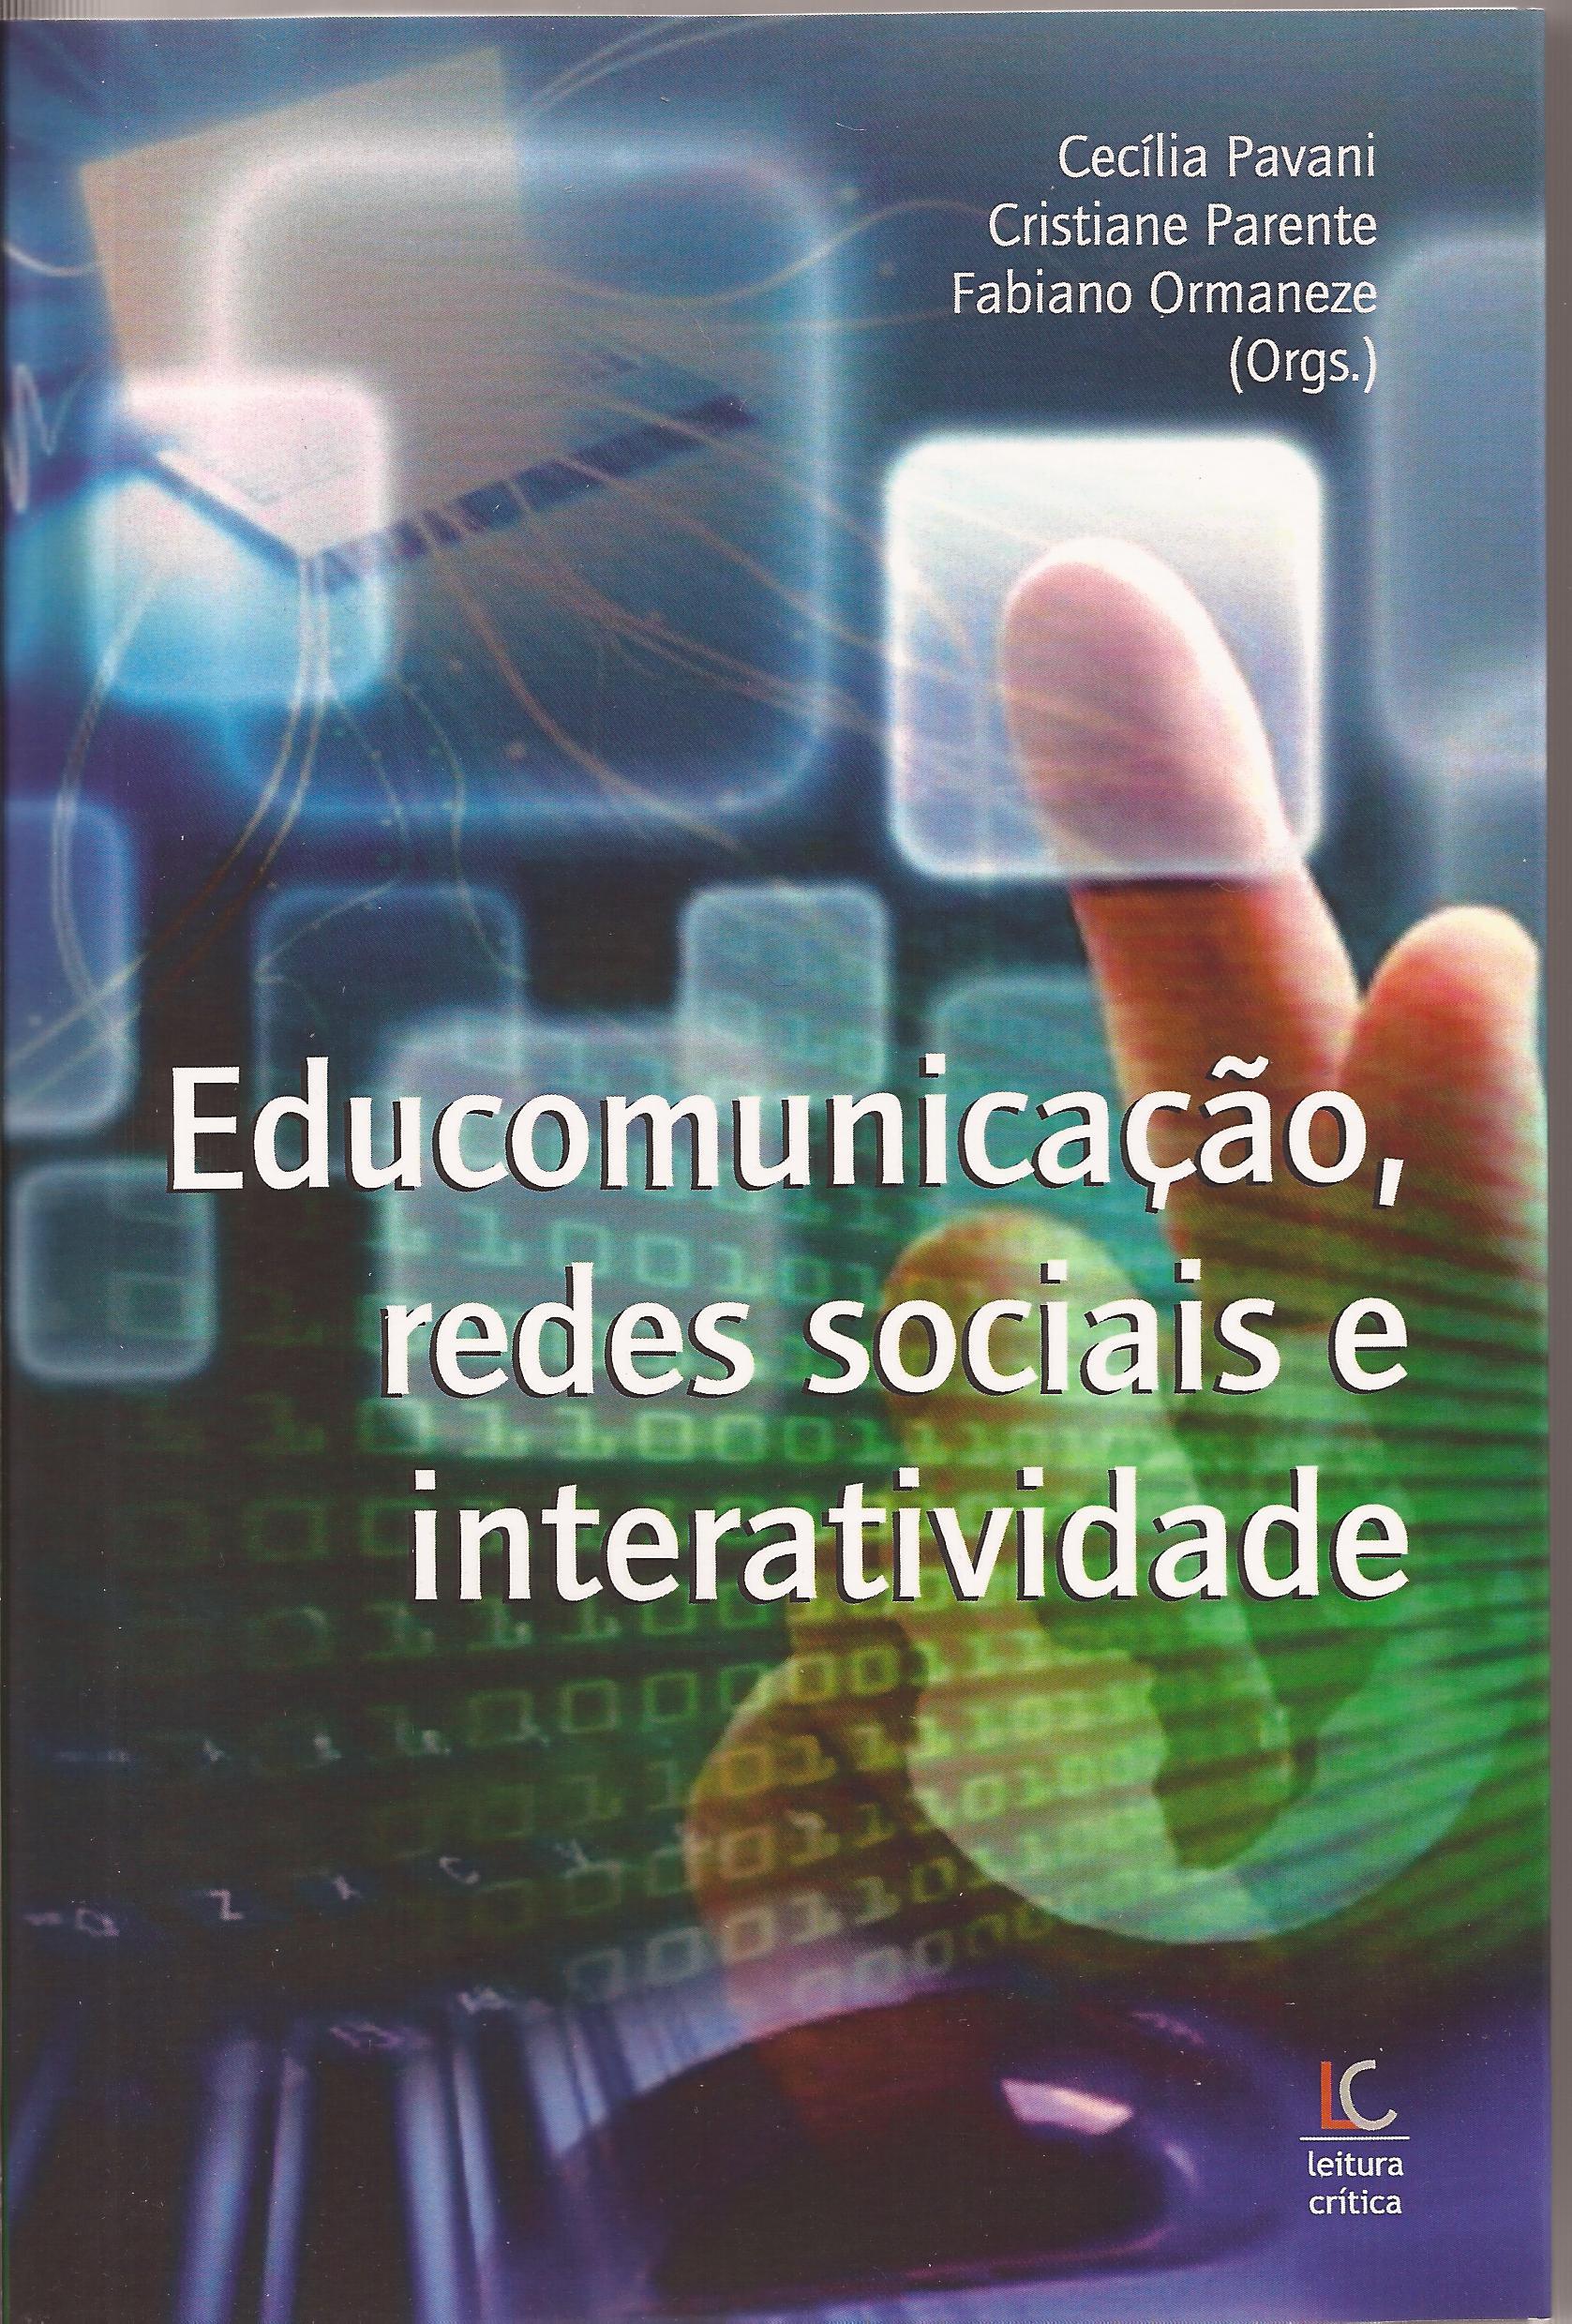 Educomunicação, redes sociais e interatividade (e-book)